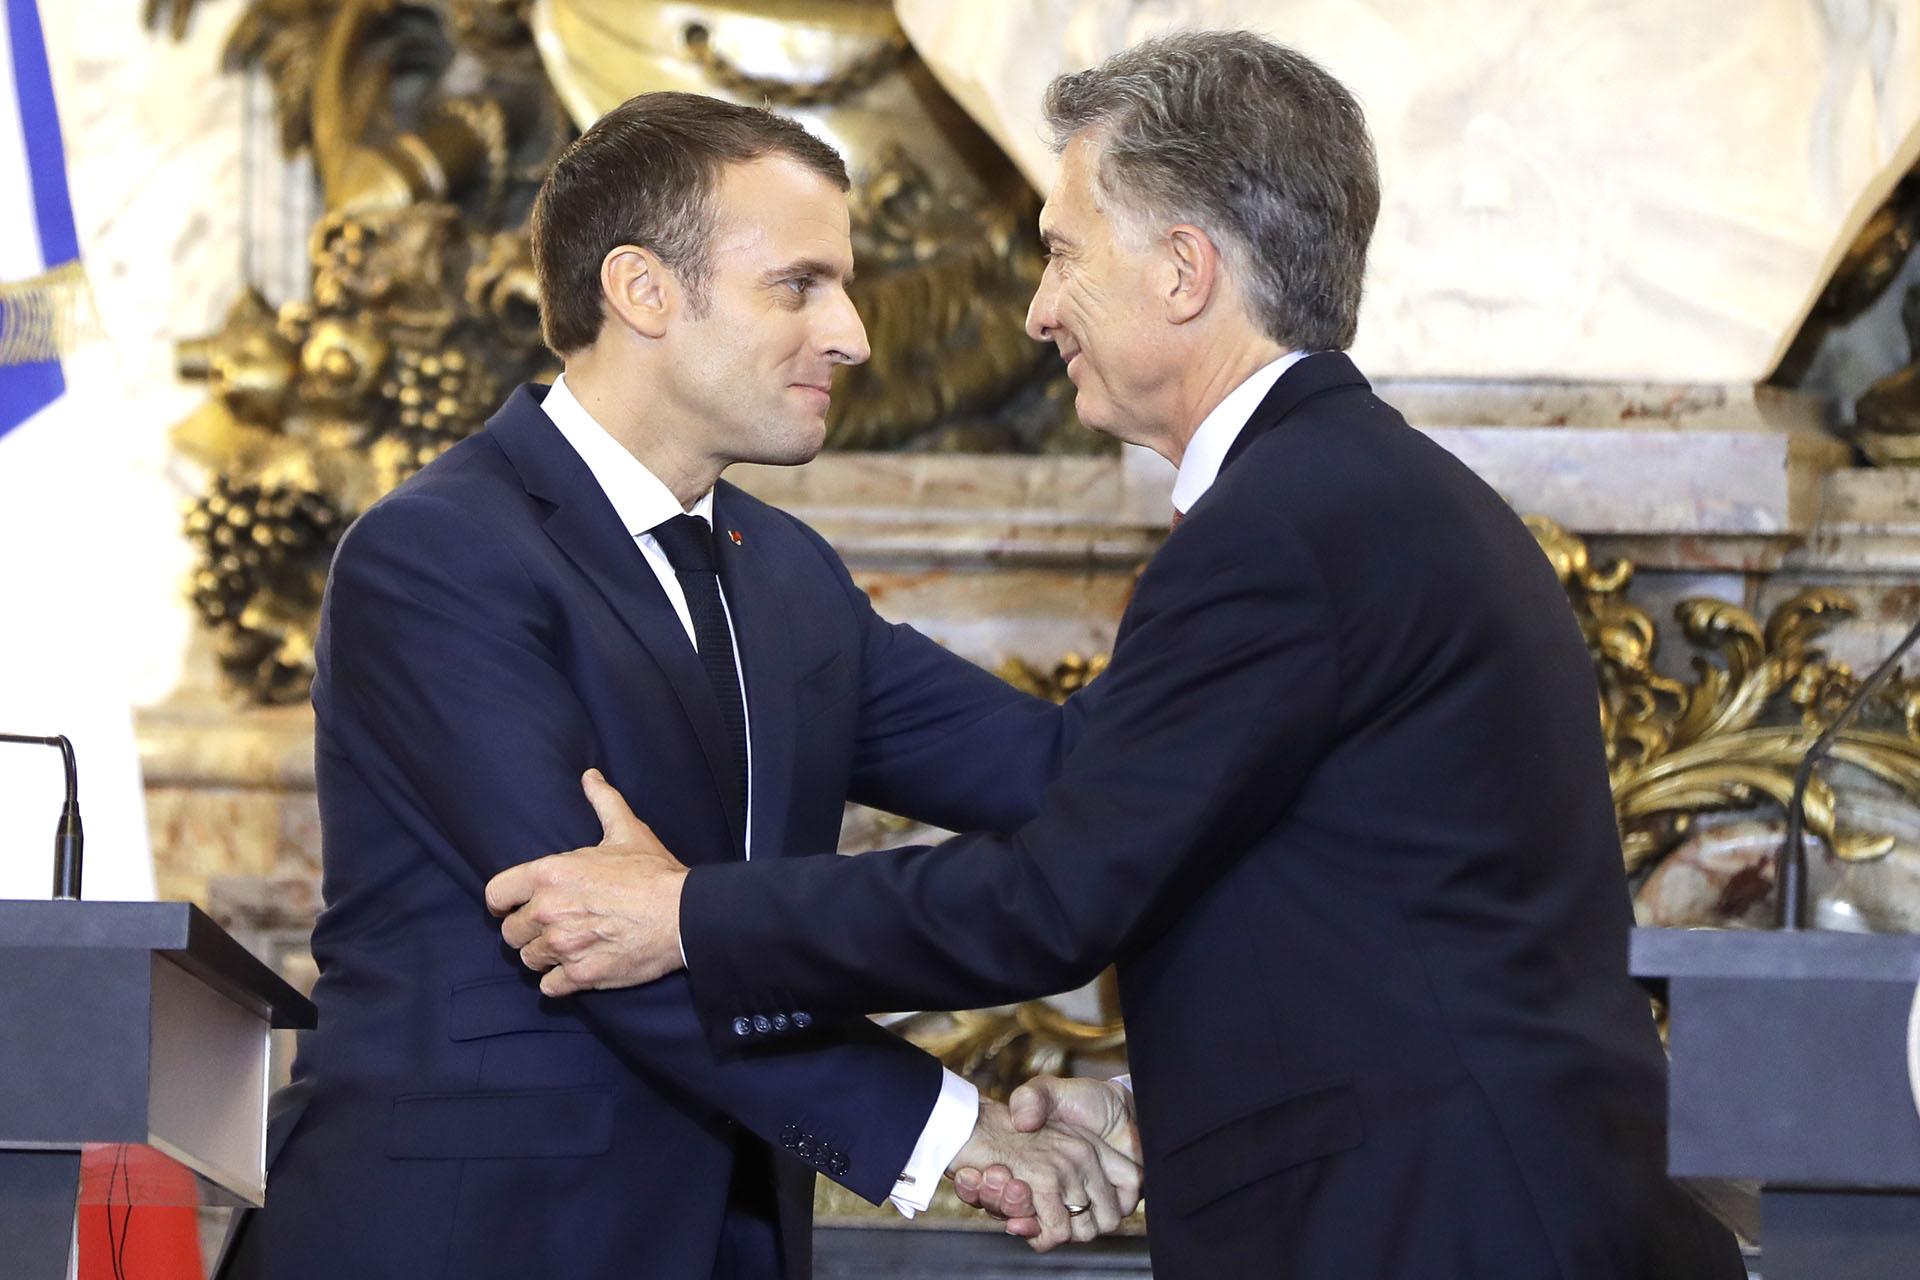 En su primera reunión bilateral, Emmanuel Macron respaldó el ingresó de la Argentina a la OCDE pero puso paños fríos a un posible acuerdo UE-Mercosur